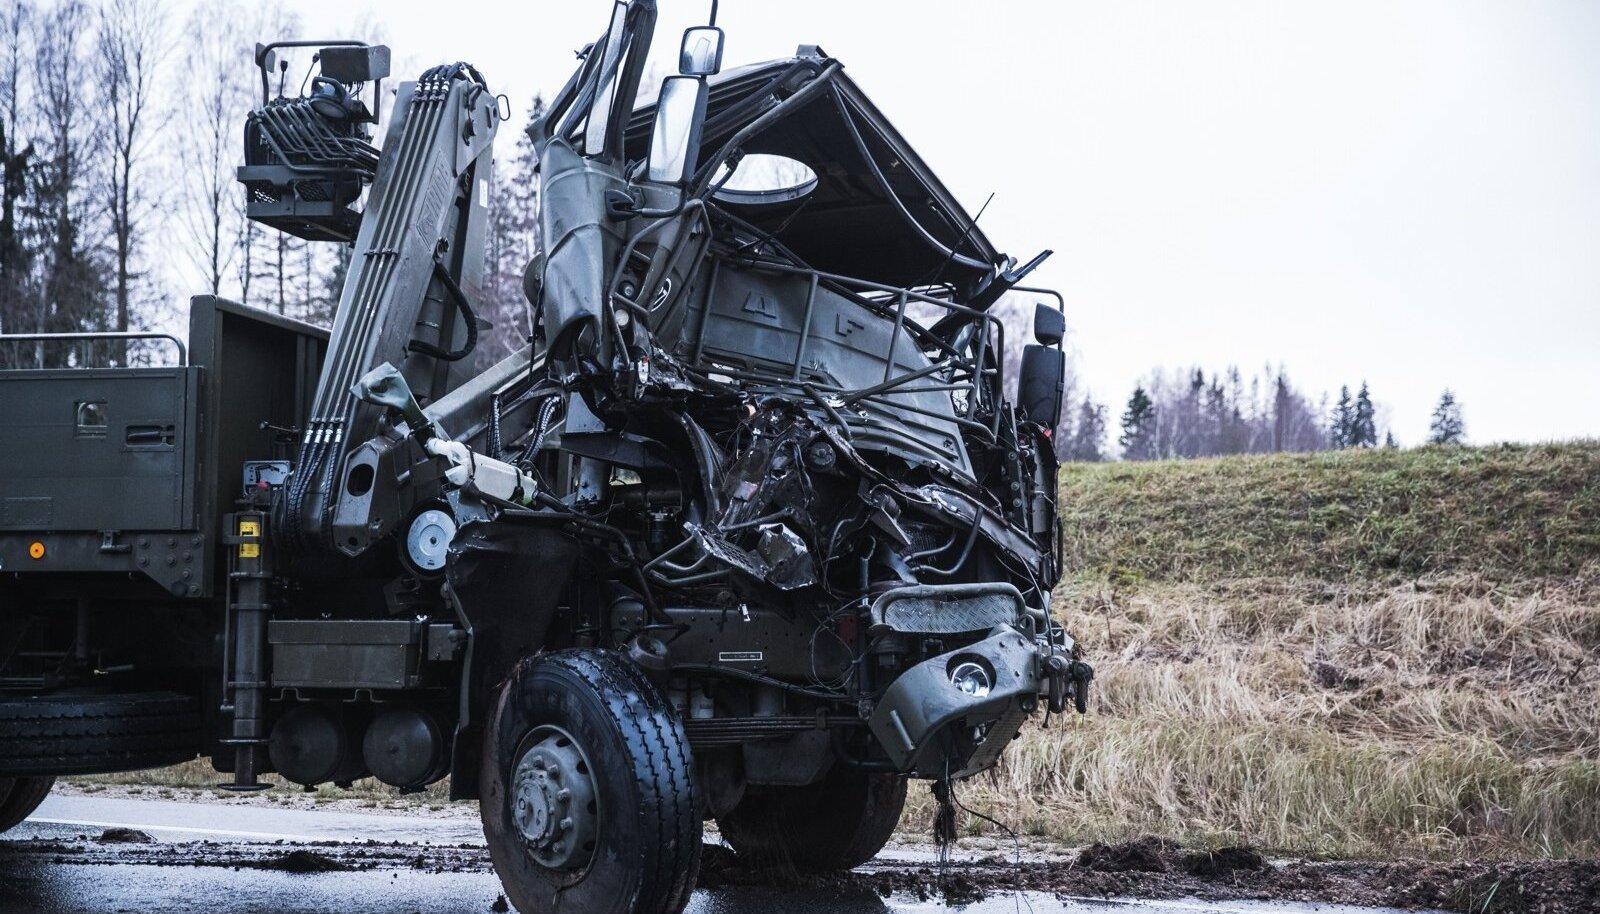 Õnnetus kaitseväe masinaga